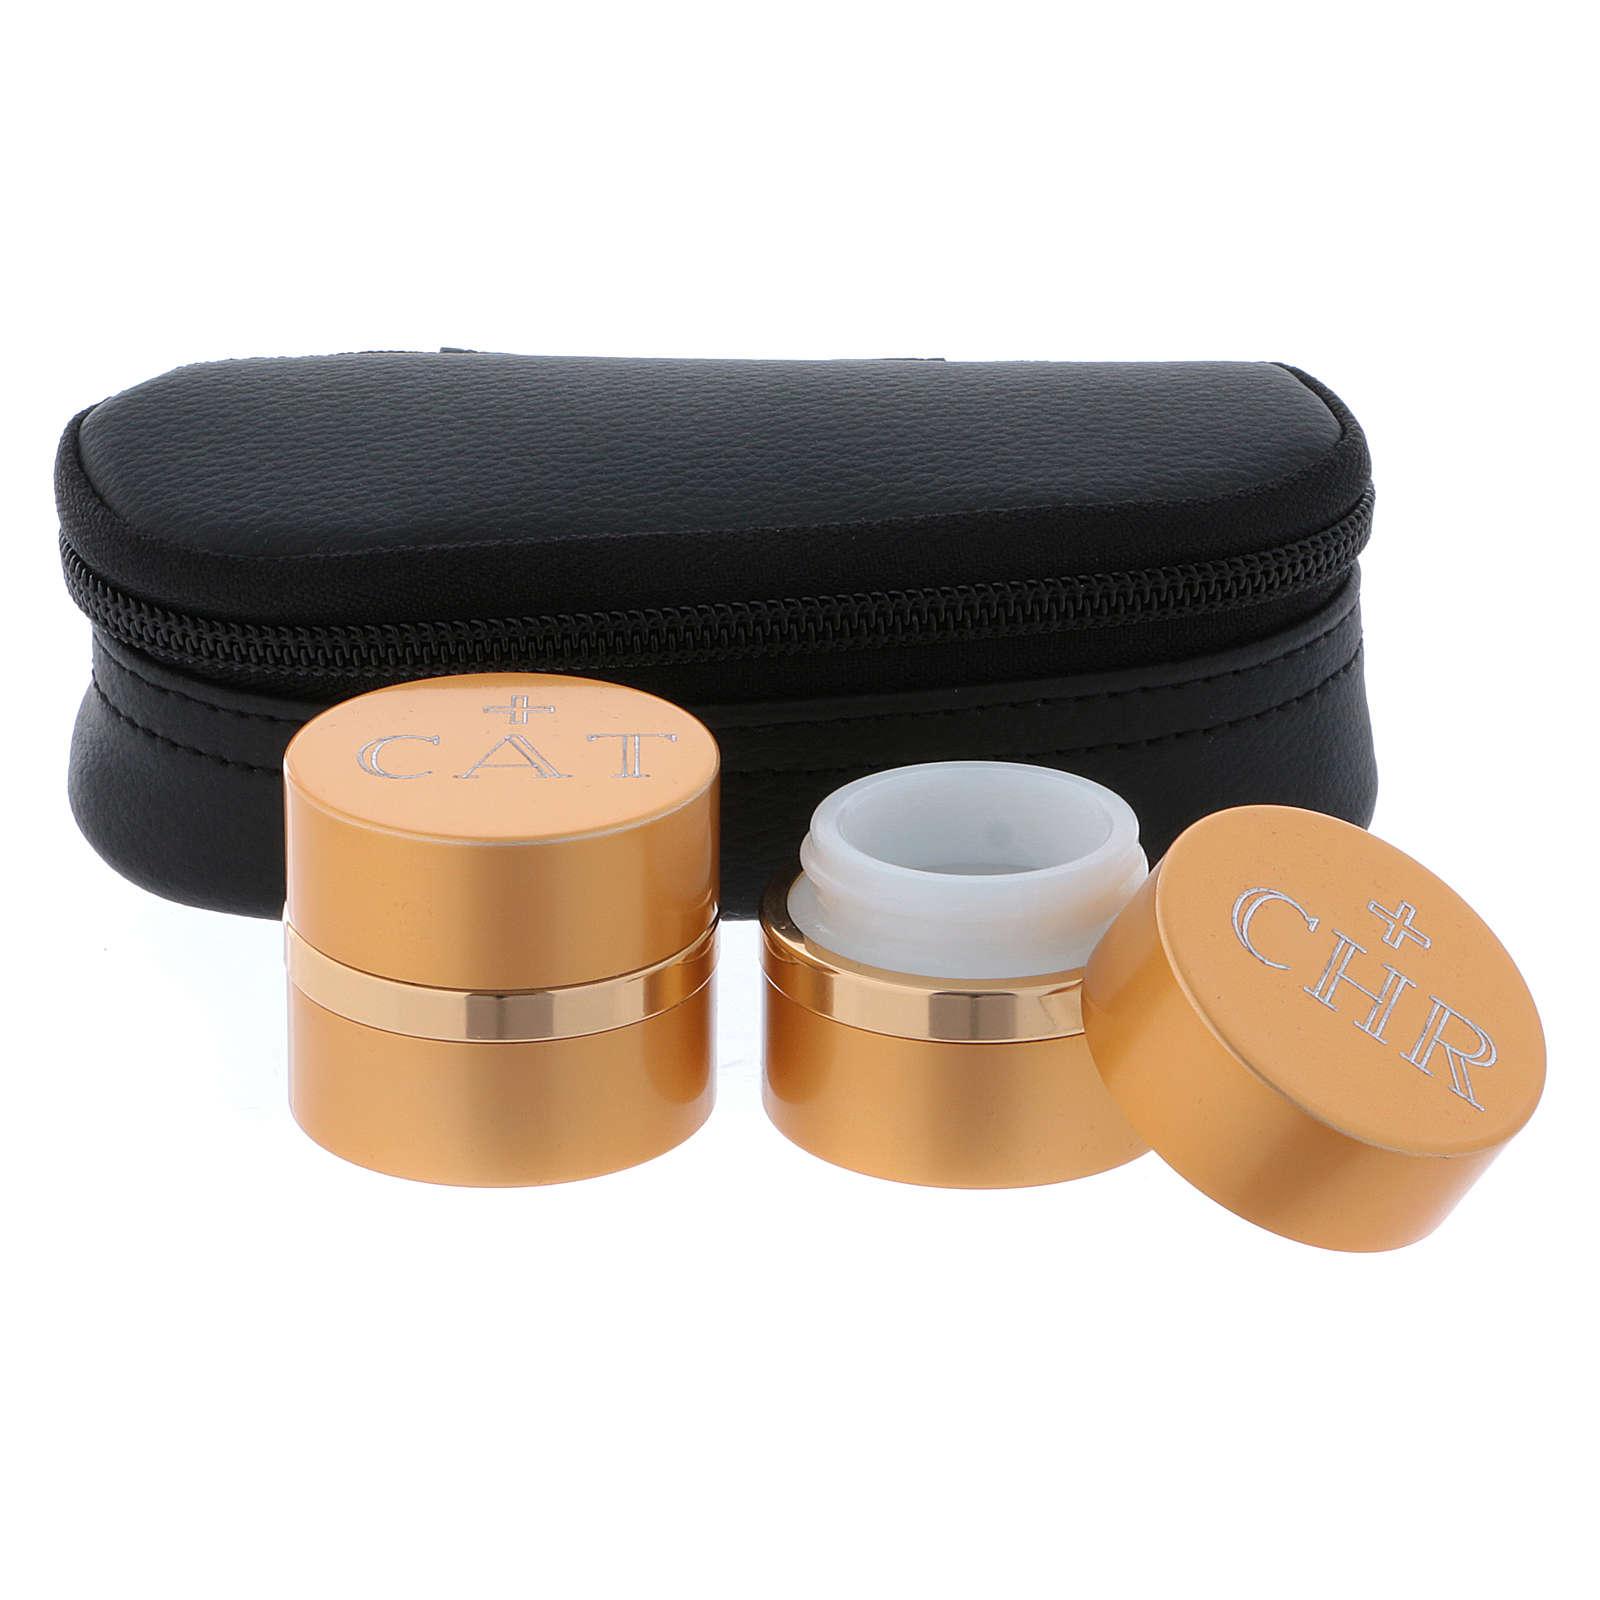 Astuccio ovale in similpelle con due vasetti in alluminio dorato per oli santi 4,3 cm diametro 3